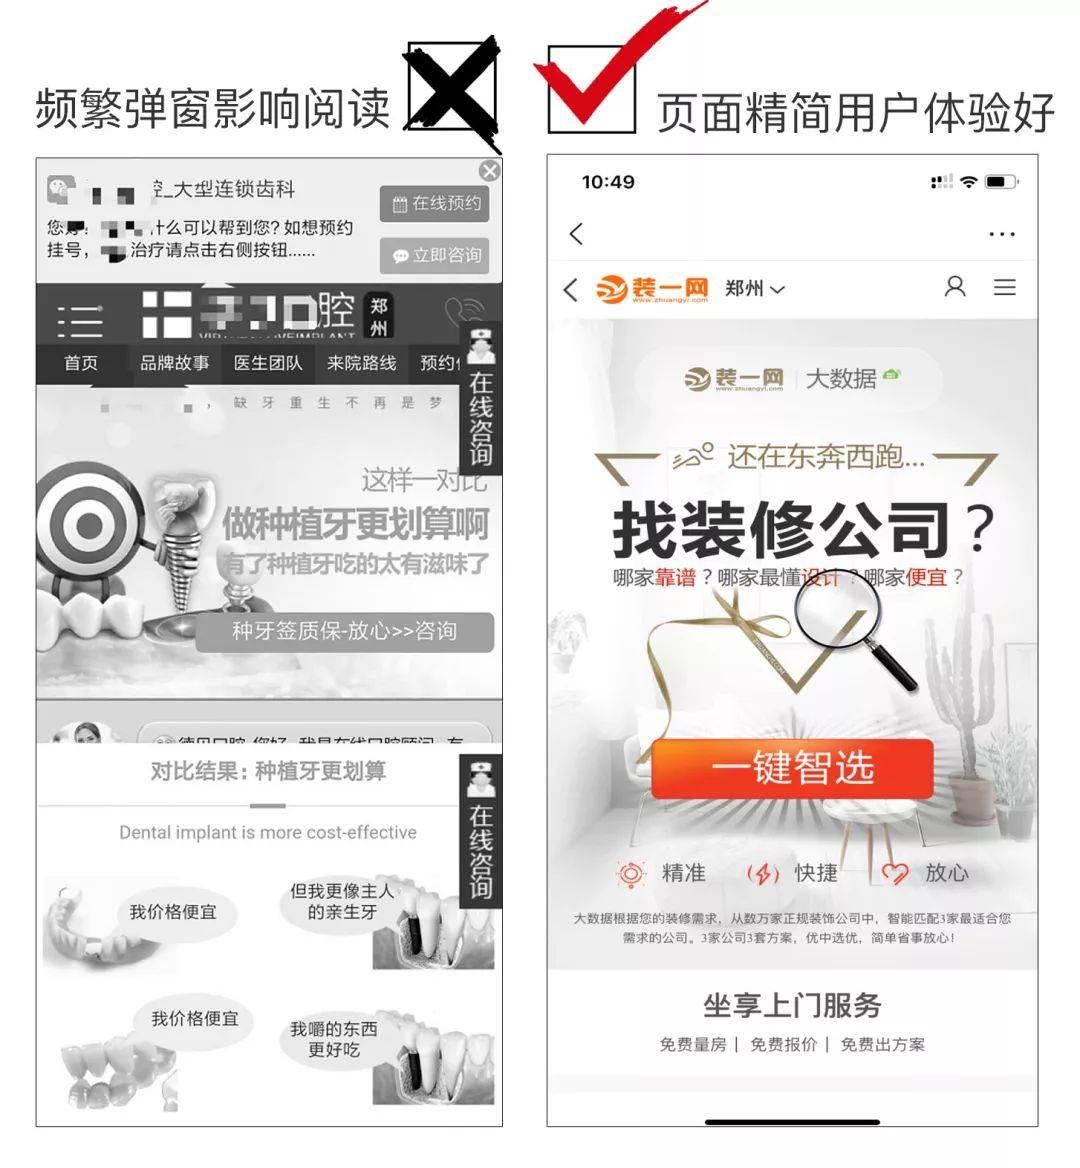 鸟哥笔记,信息流,艾奇菌,信息流广告,广告投放,落地页